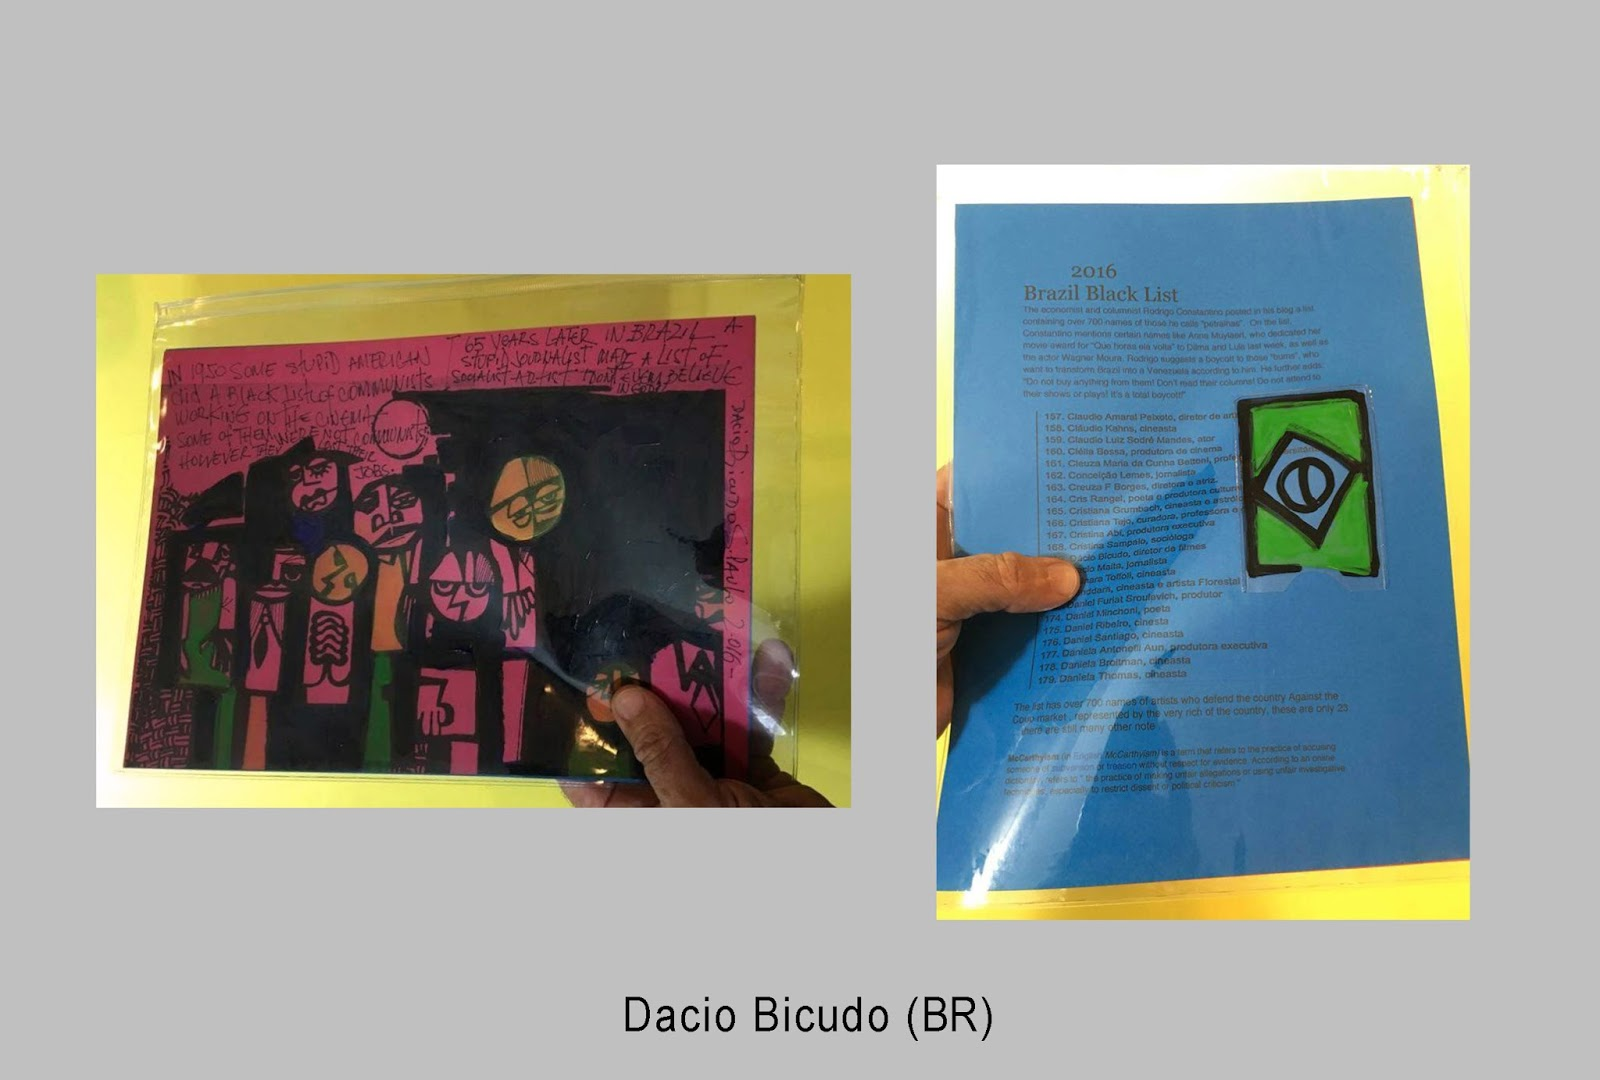 DIN A4 Artists /Artworks |